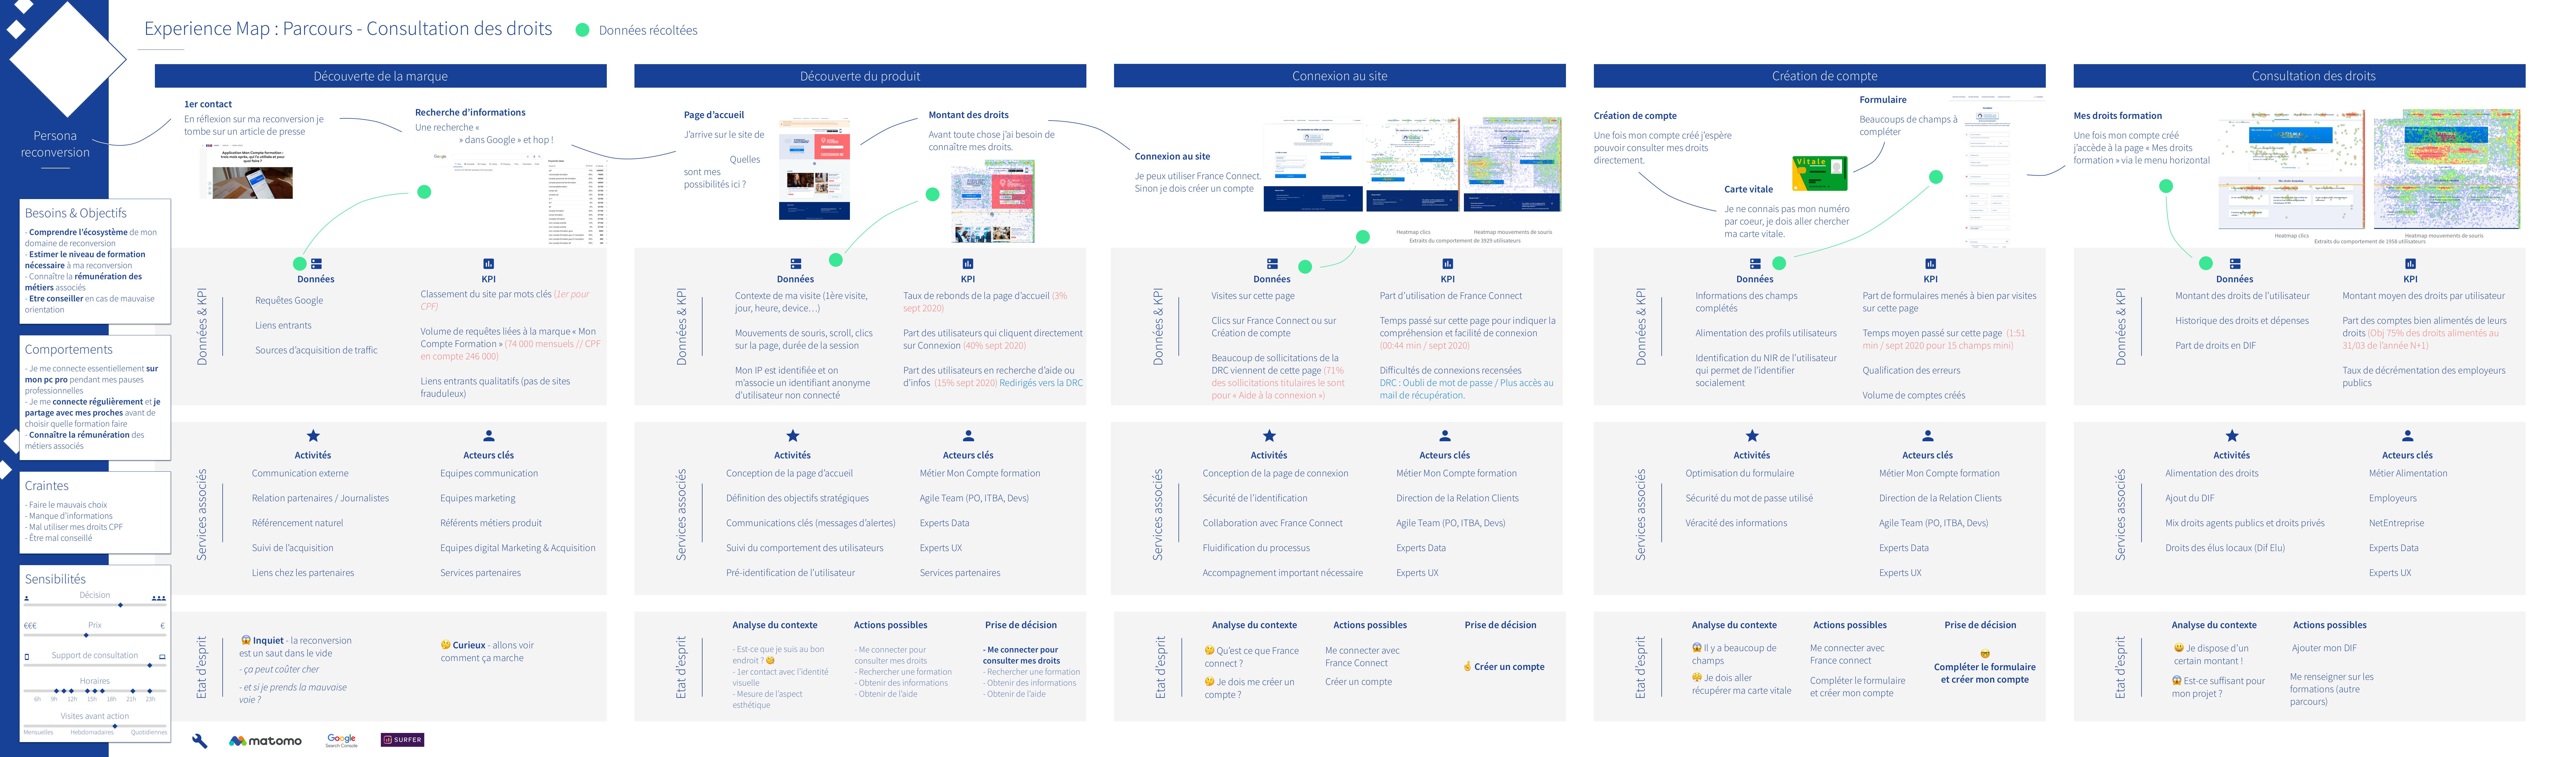 L'experience map : une illustration complète du parcours utilisateur